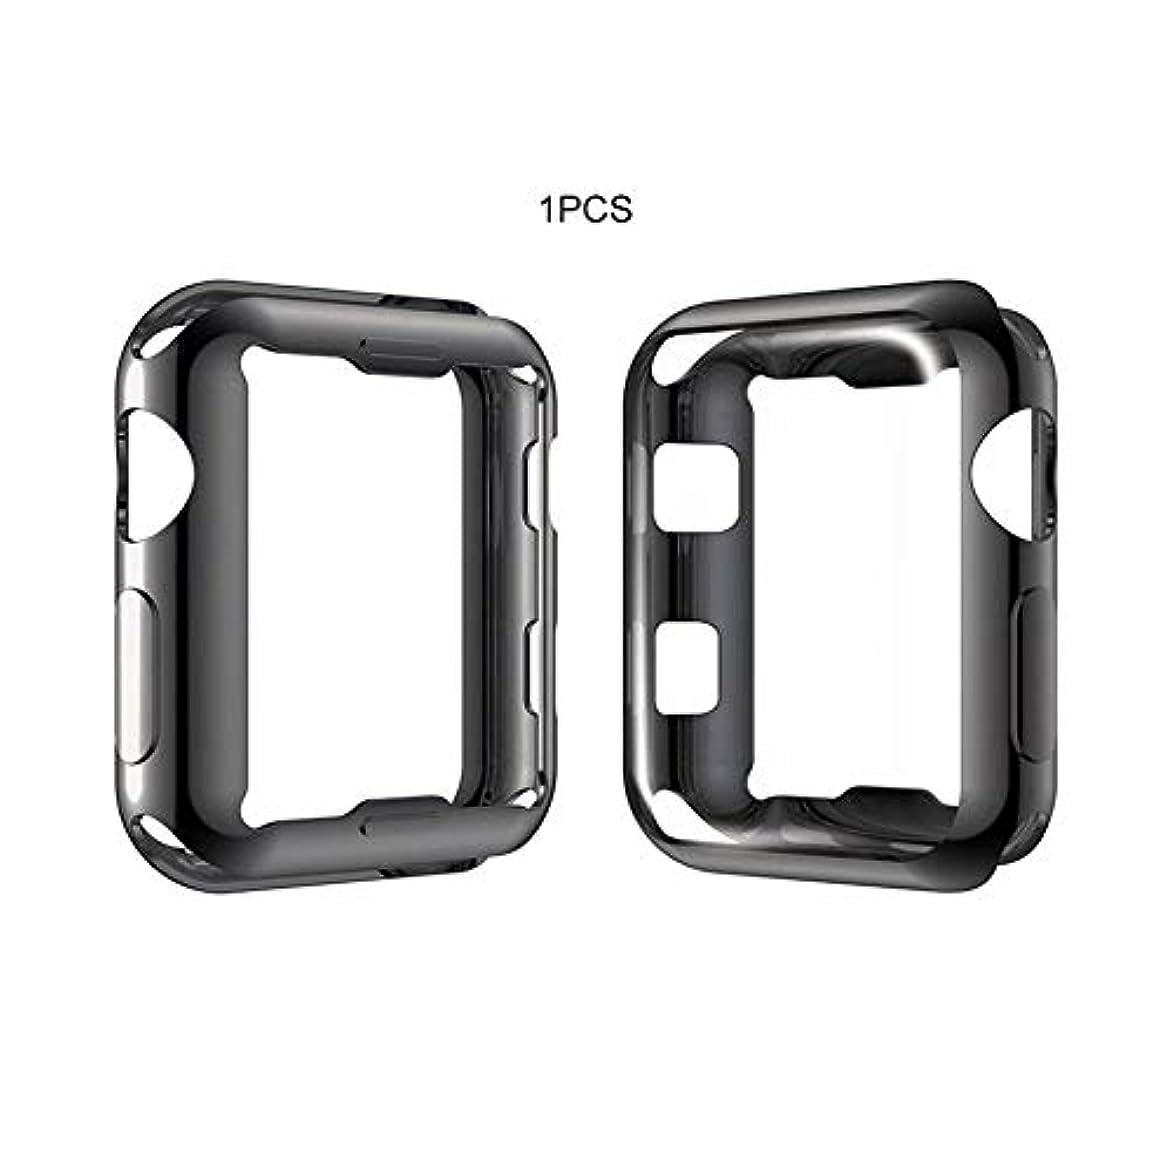 ラジエーターおシャッフルApple 4Th Generation Watch Case Tpu 3 Generation Protective Cover Soft Shell Electroplated Tpu Protective Case-Black 42MMに適用可能